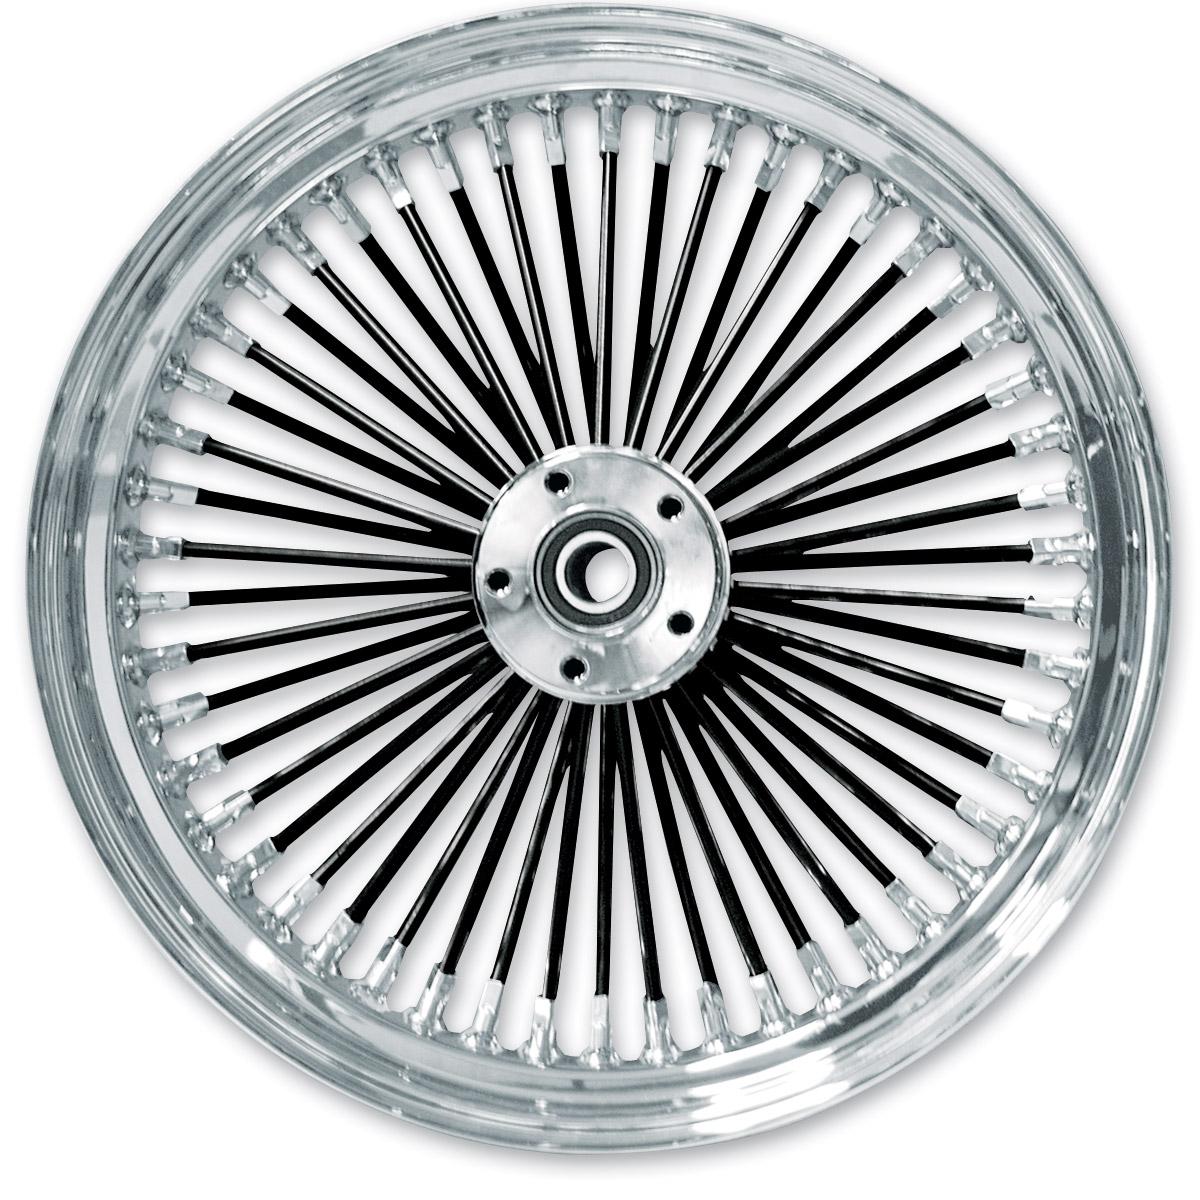 Ride Wright Fat Spoke Front Wheel, 21 x 2.15